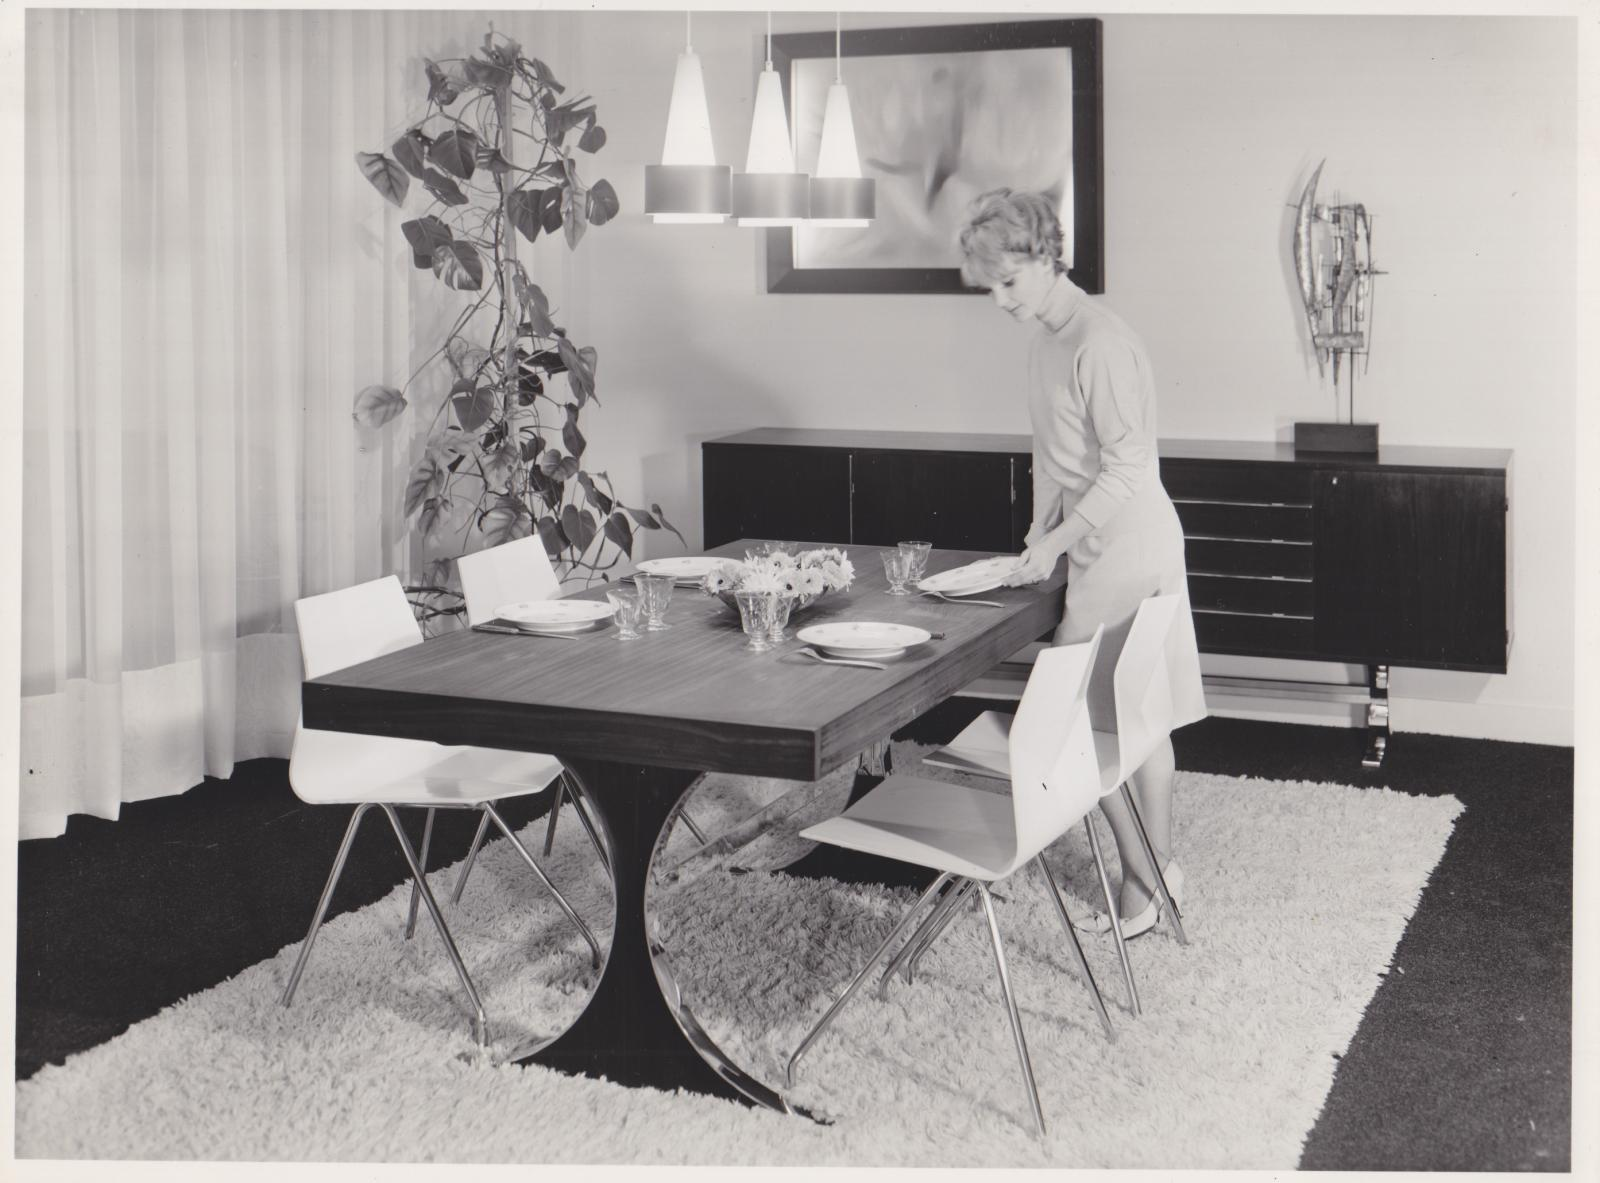 Stand de René-Jean Caillette au Salon des arts ménagers de 1957, reproduit dans la revue Meubles & Décors no705, mai1957. Courtesy galer